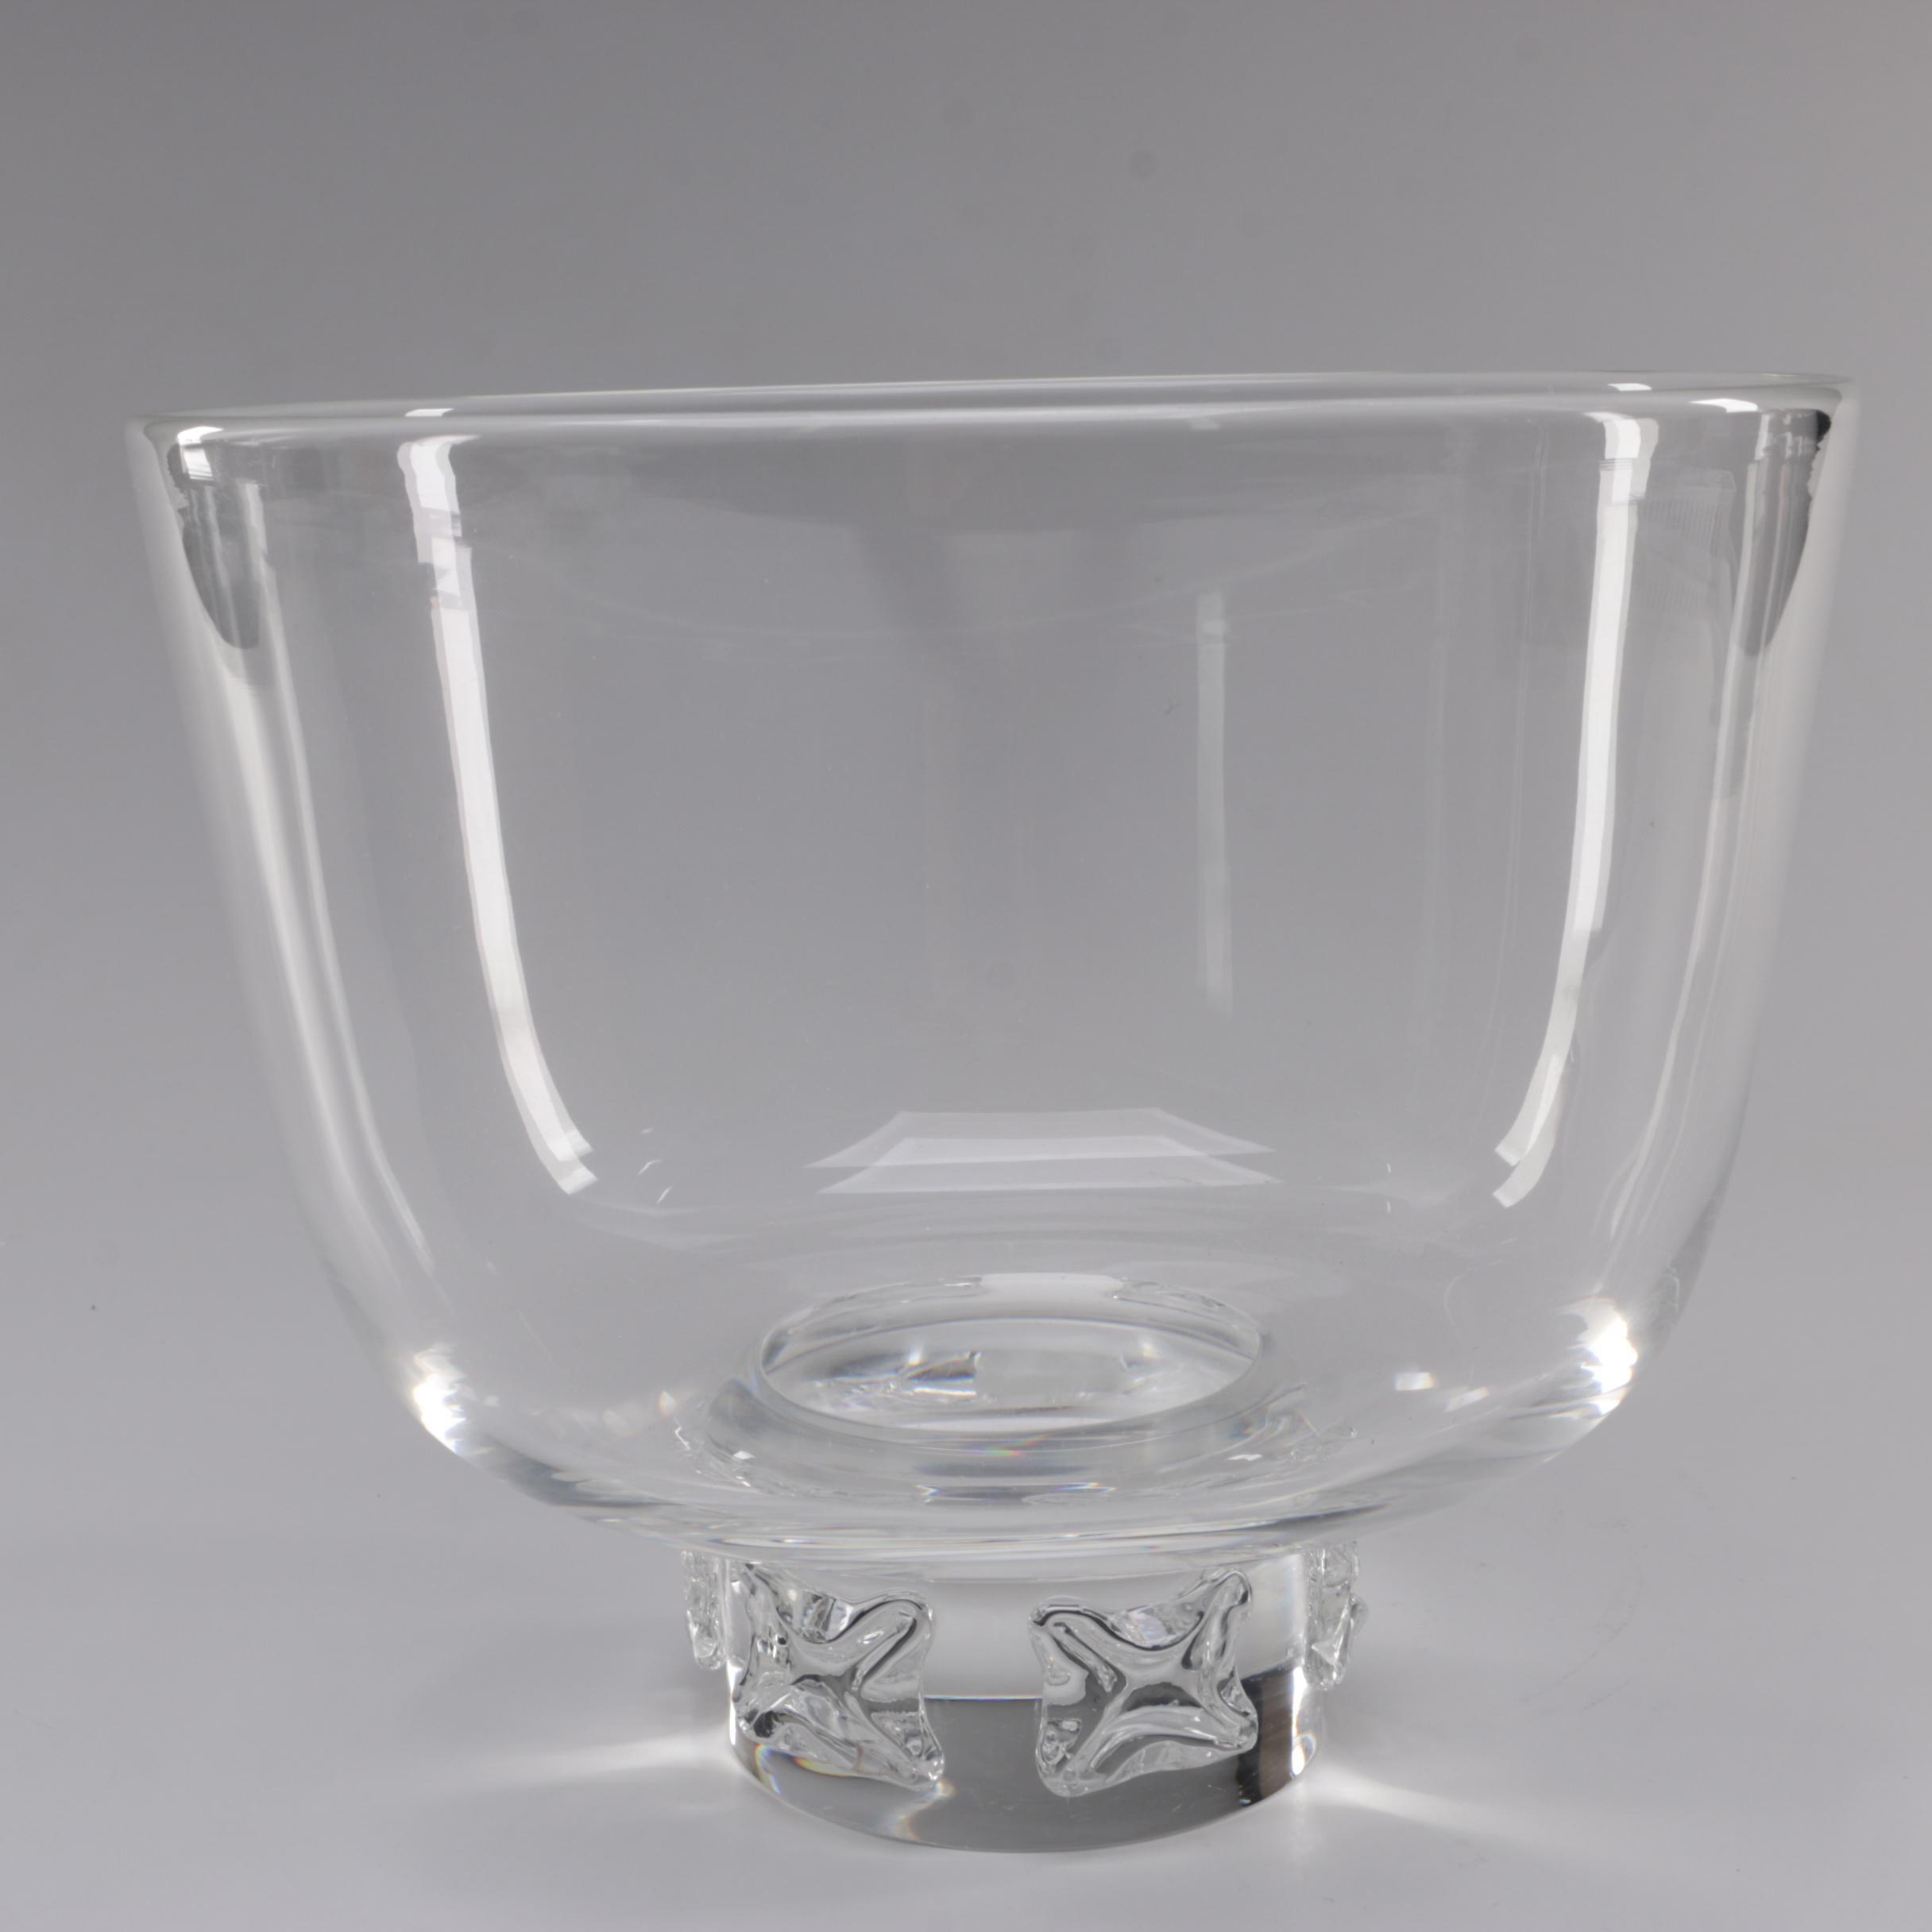 Steuben Art Glass Punch Bowl Designed by Donald Pollard, 1957